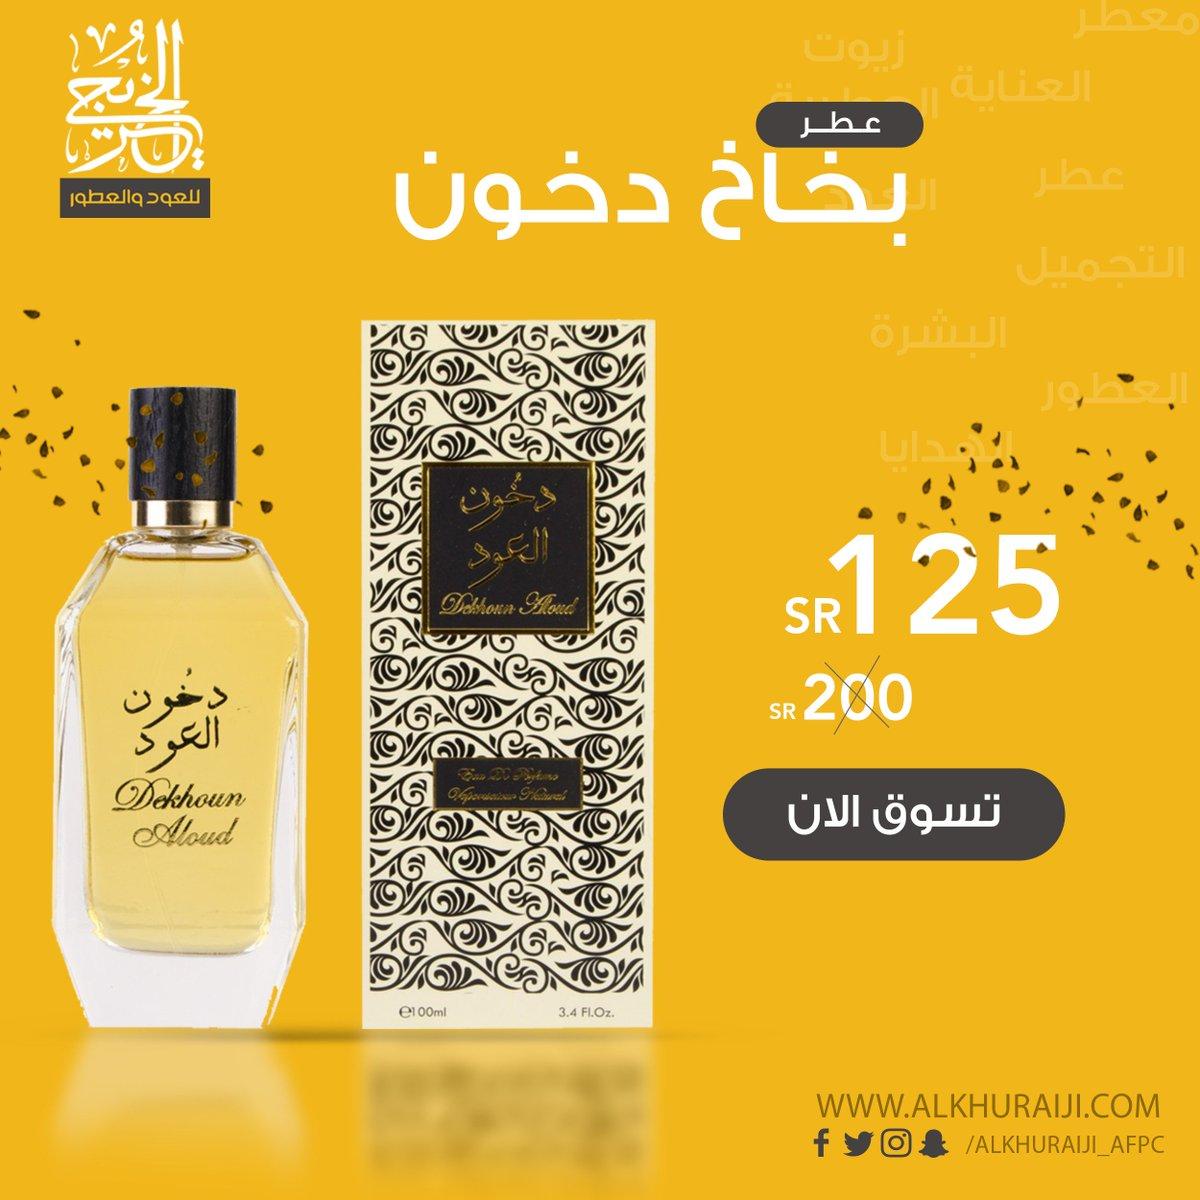 82a9952a6 الخريجي للعود والعطور on Twitter: